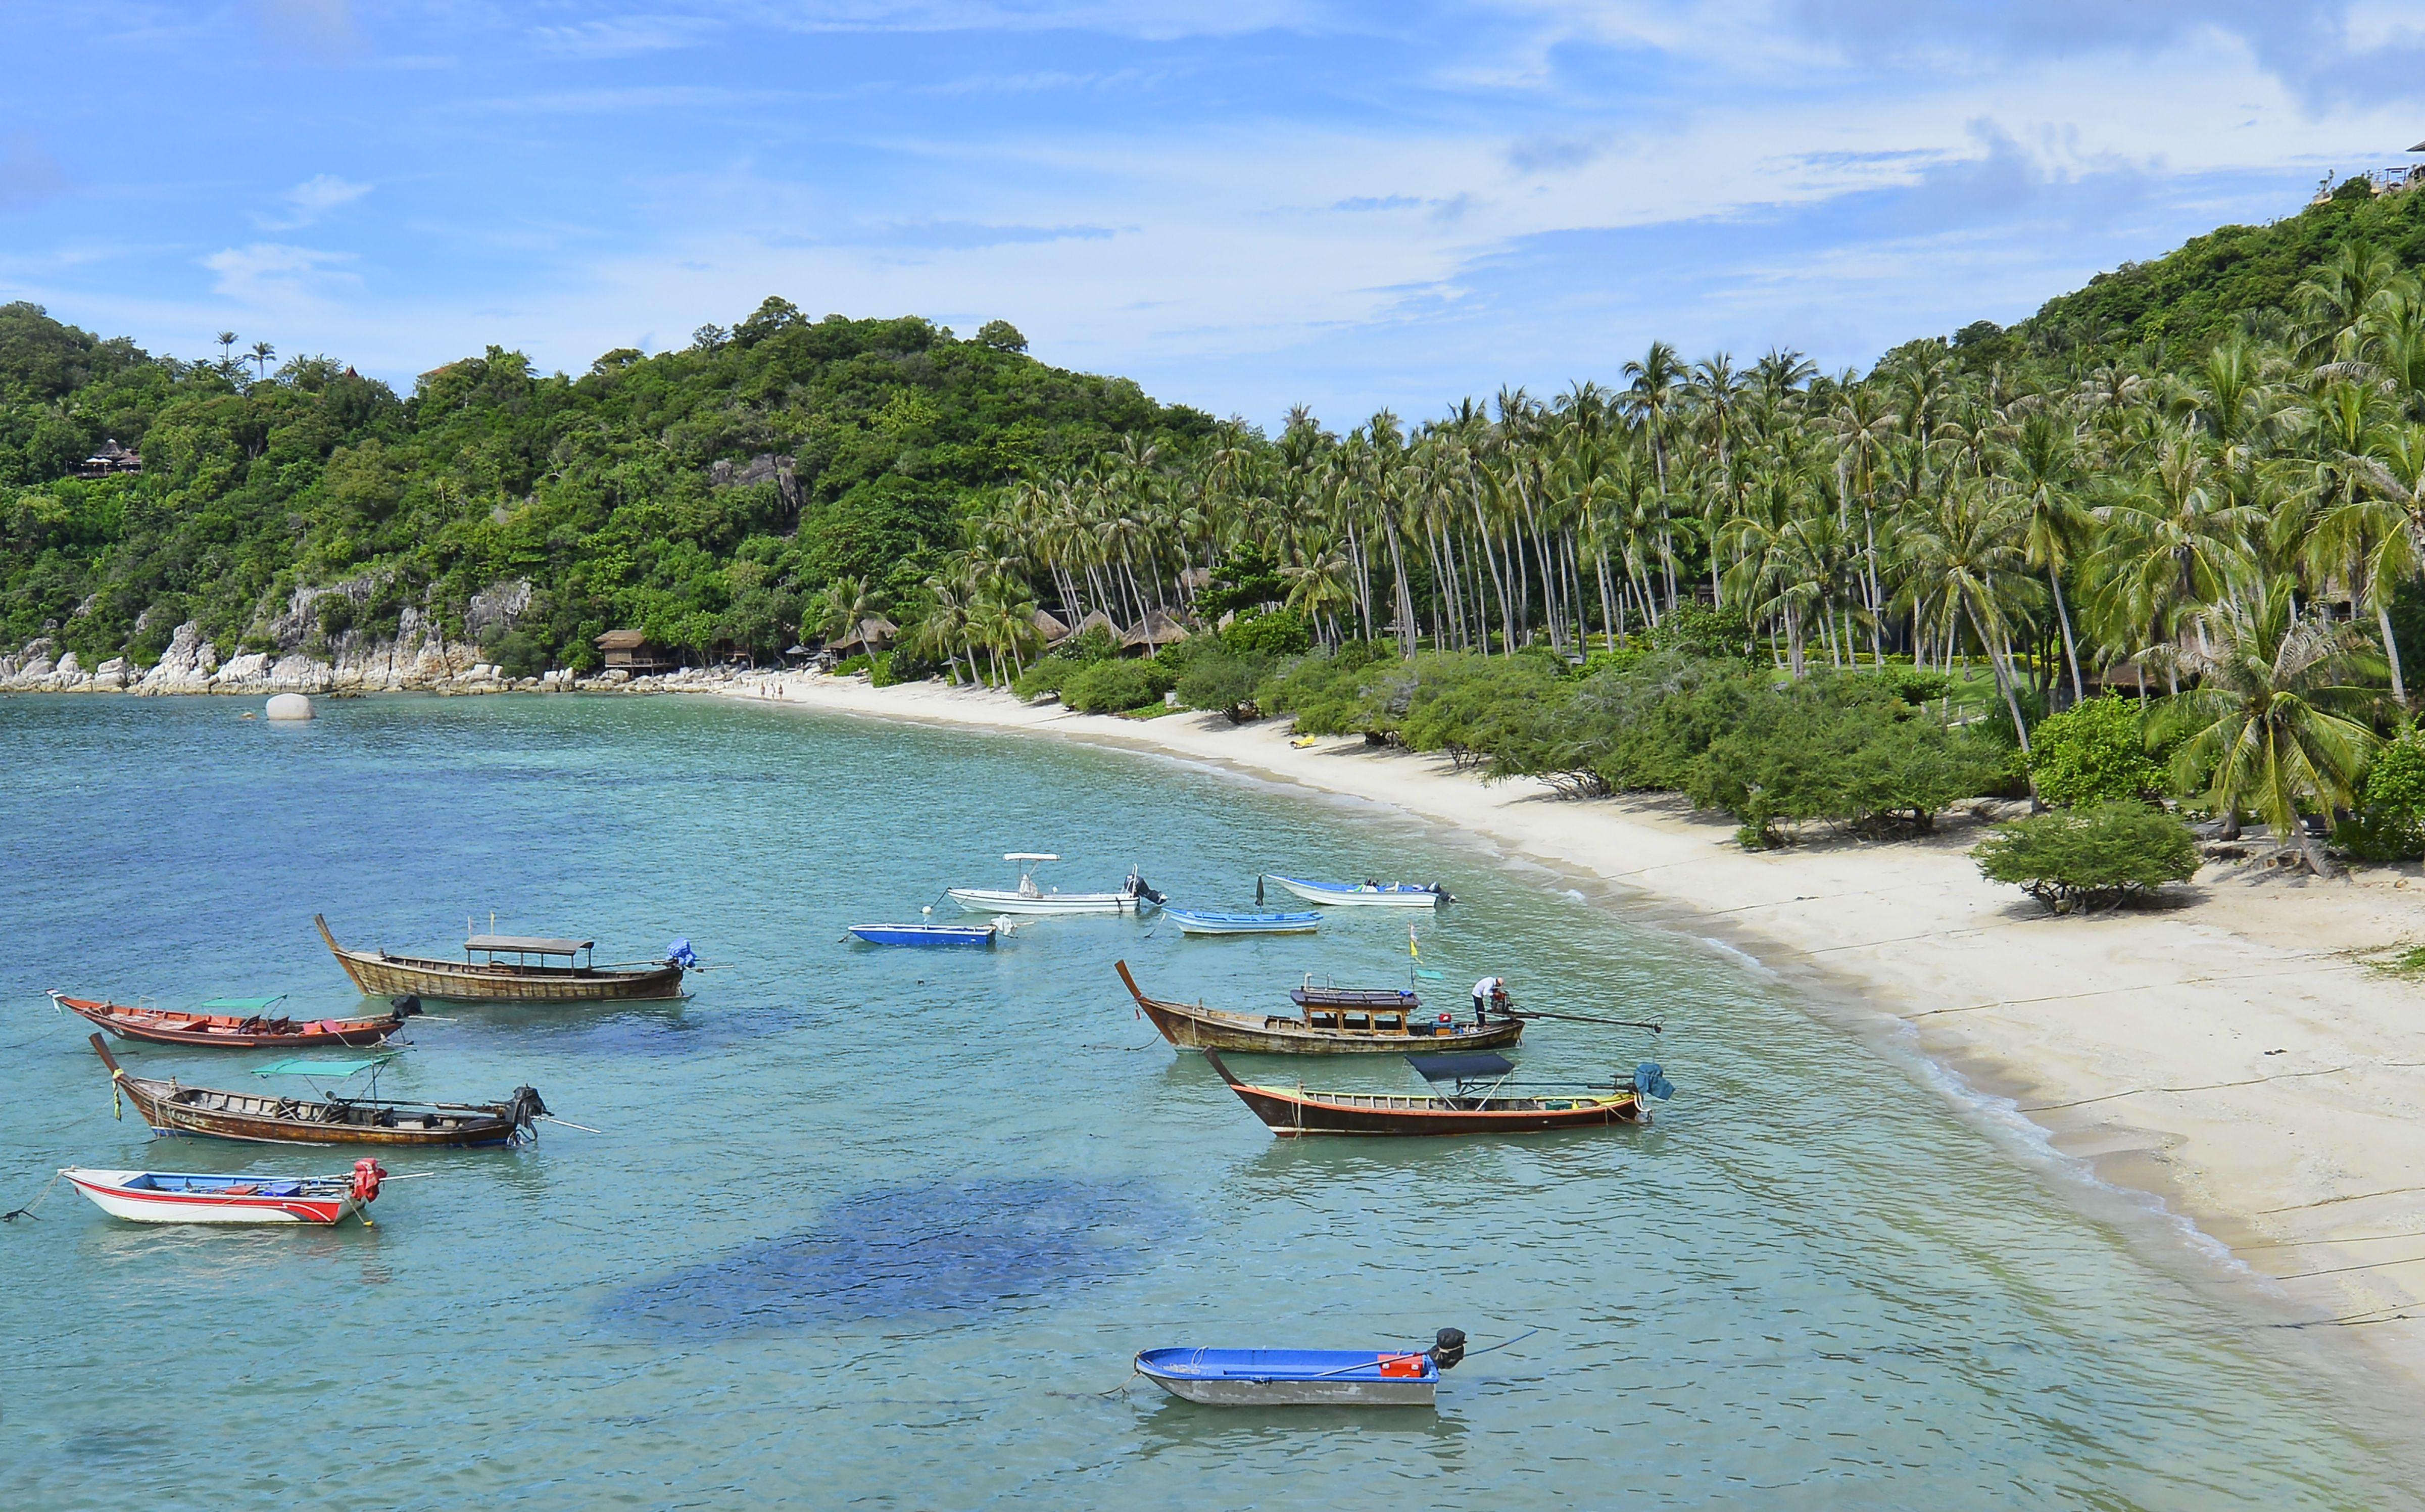 Una playa y barcos de cola larga en Koh Tao, Tailandia